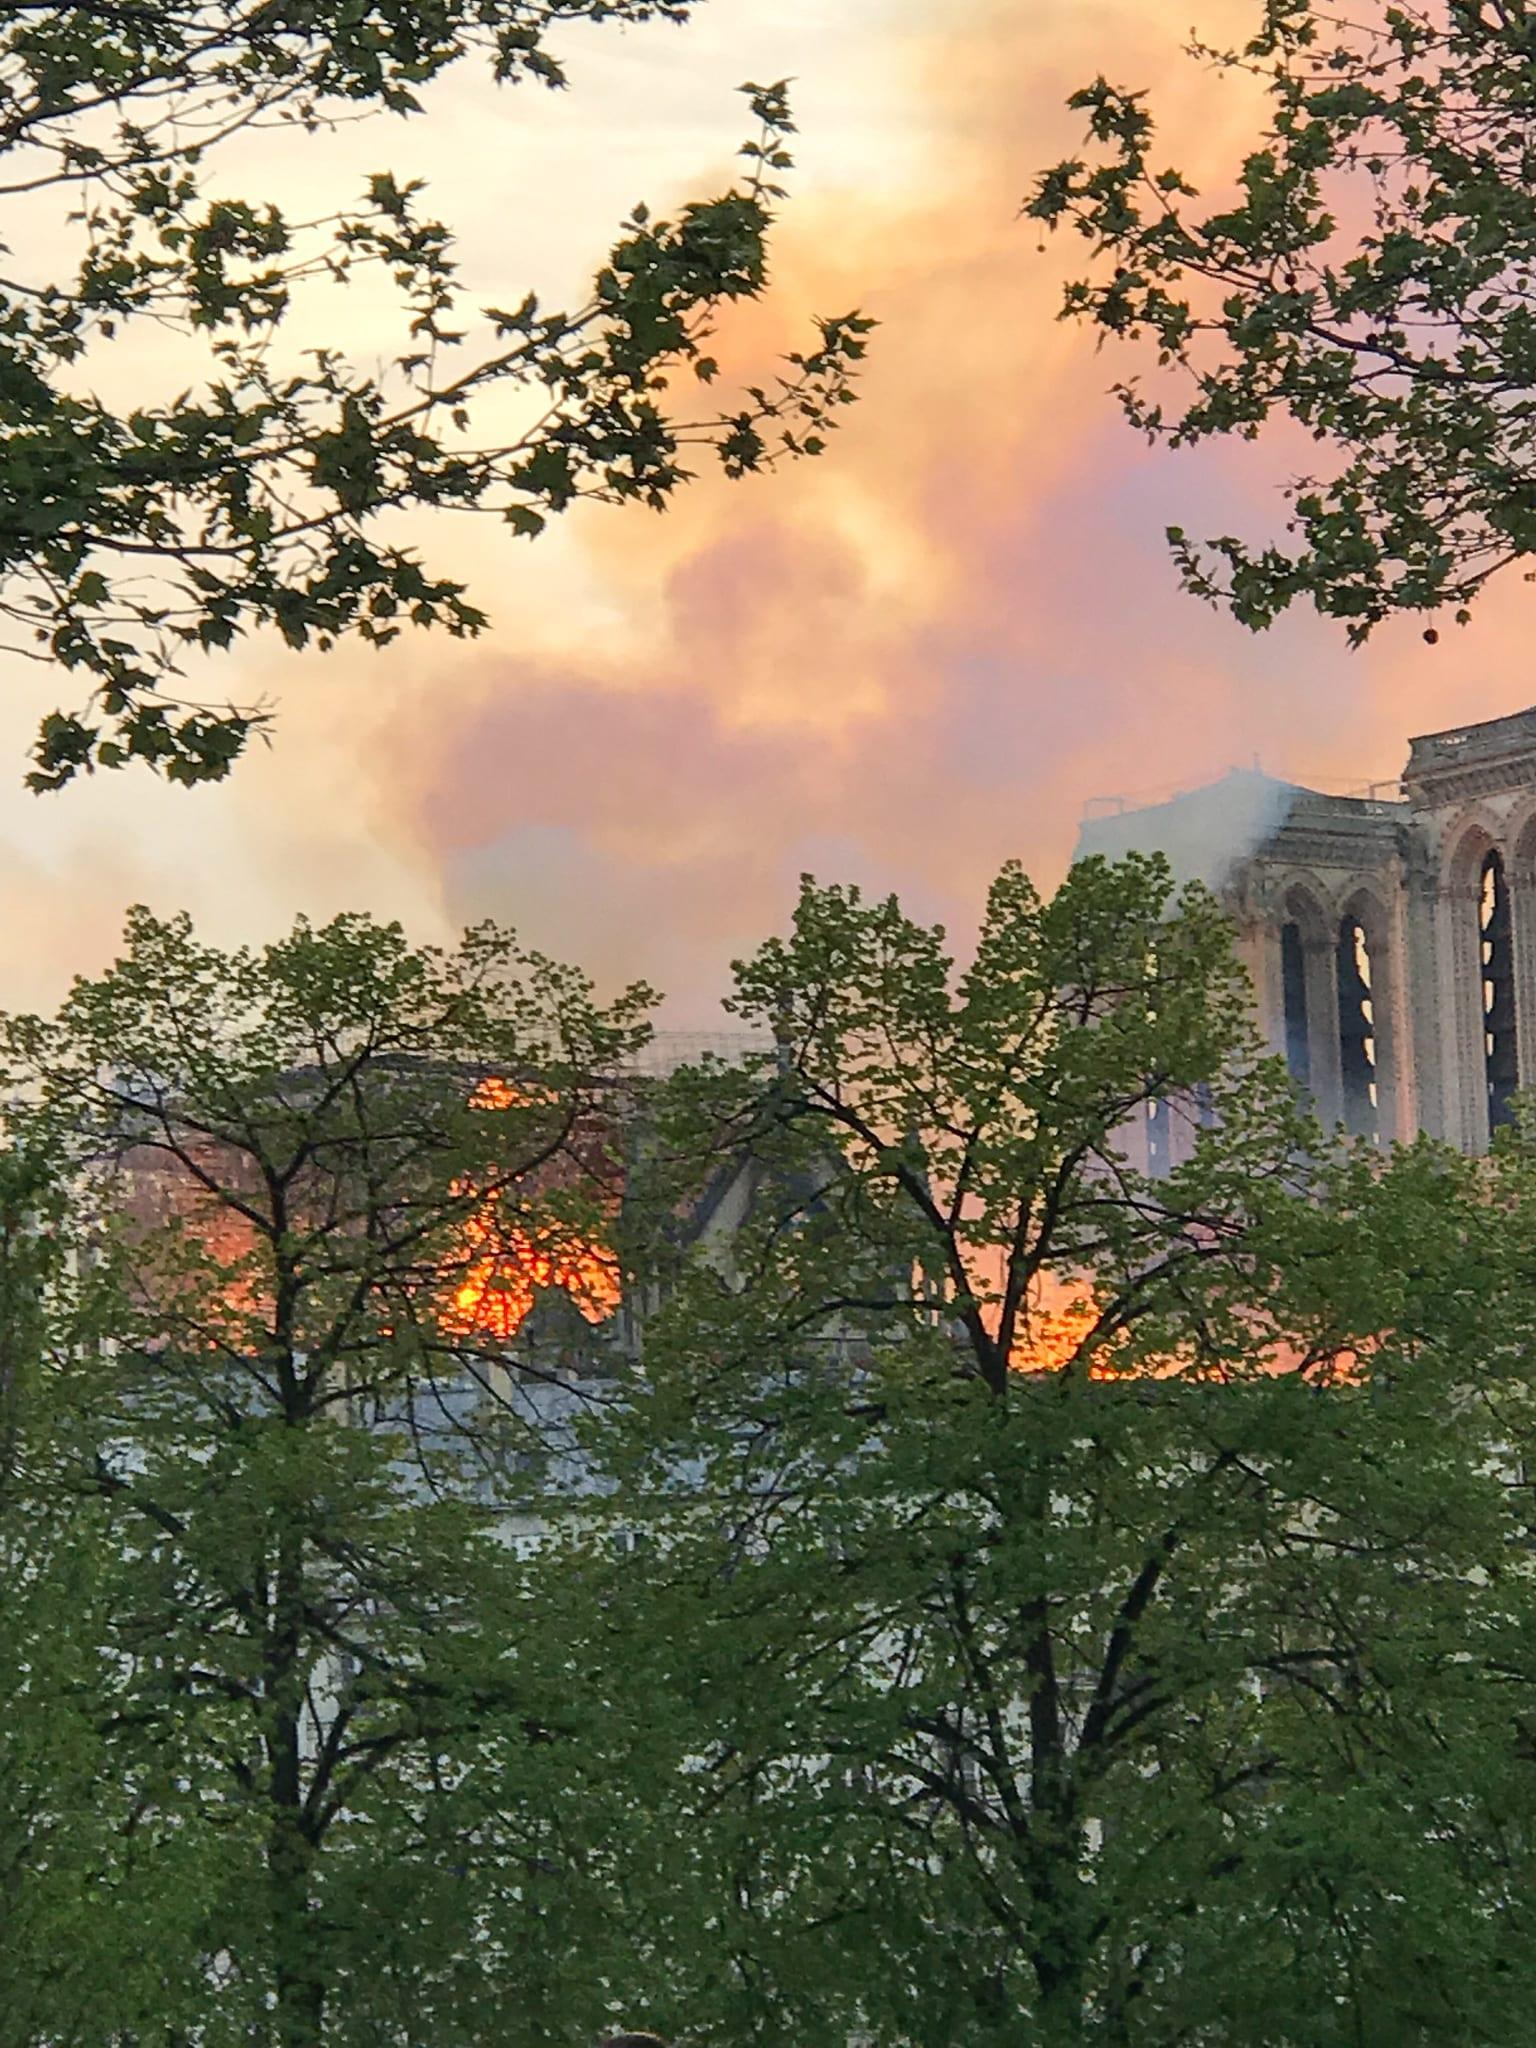 The fire at Notre Dame, Paris